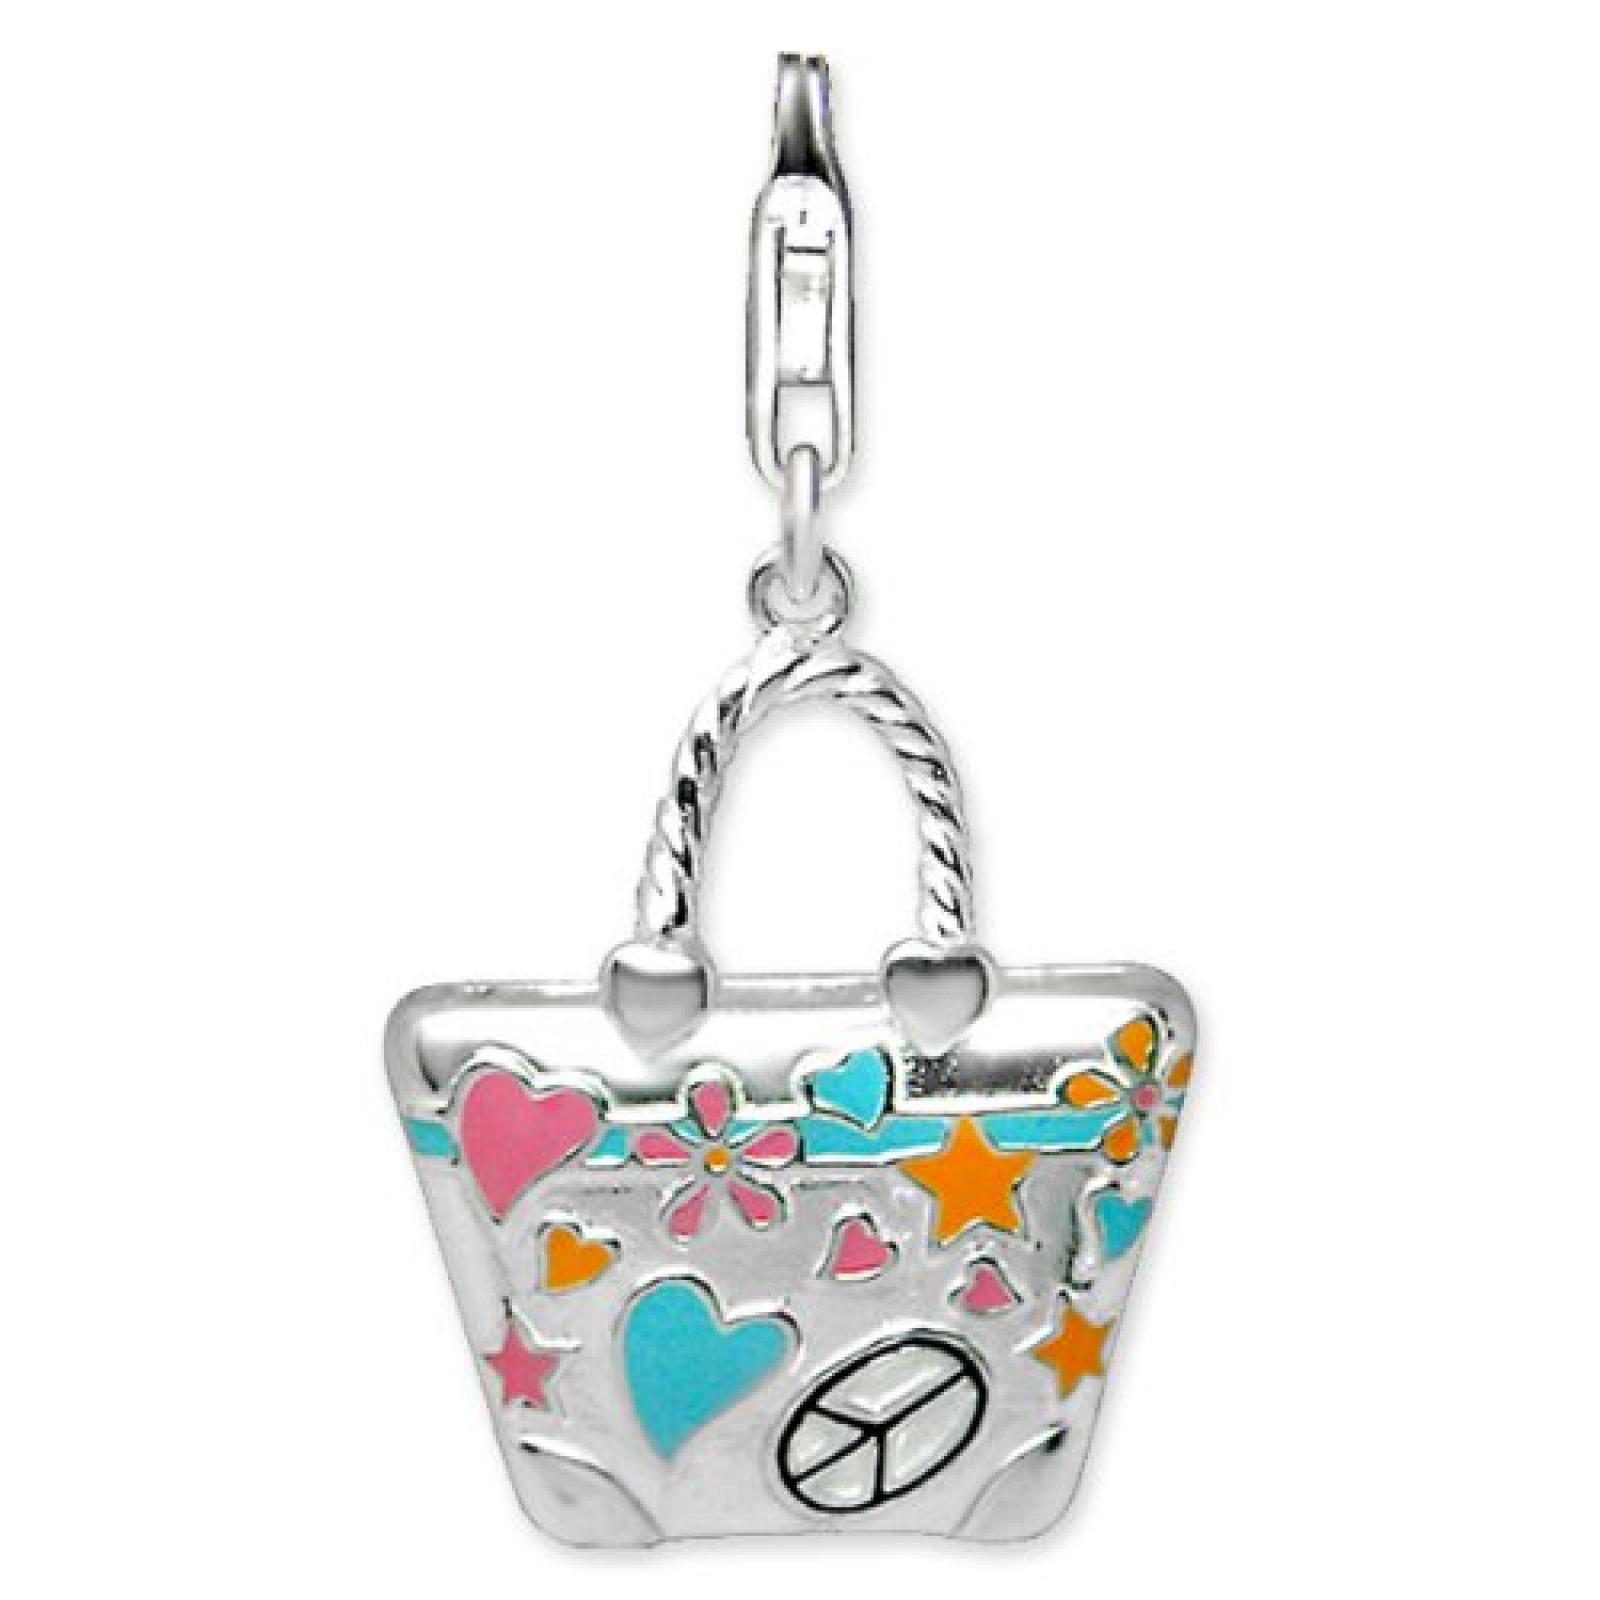 Rafaela Donata Charm Collection Damen-Charm XXL Tasche 925 Sterling Silber Emaille rosa / türkis / orange / schwarz  60600299